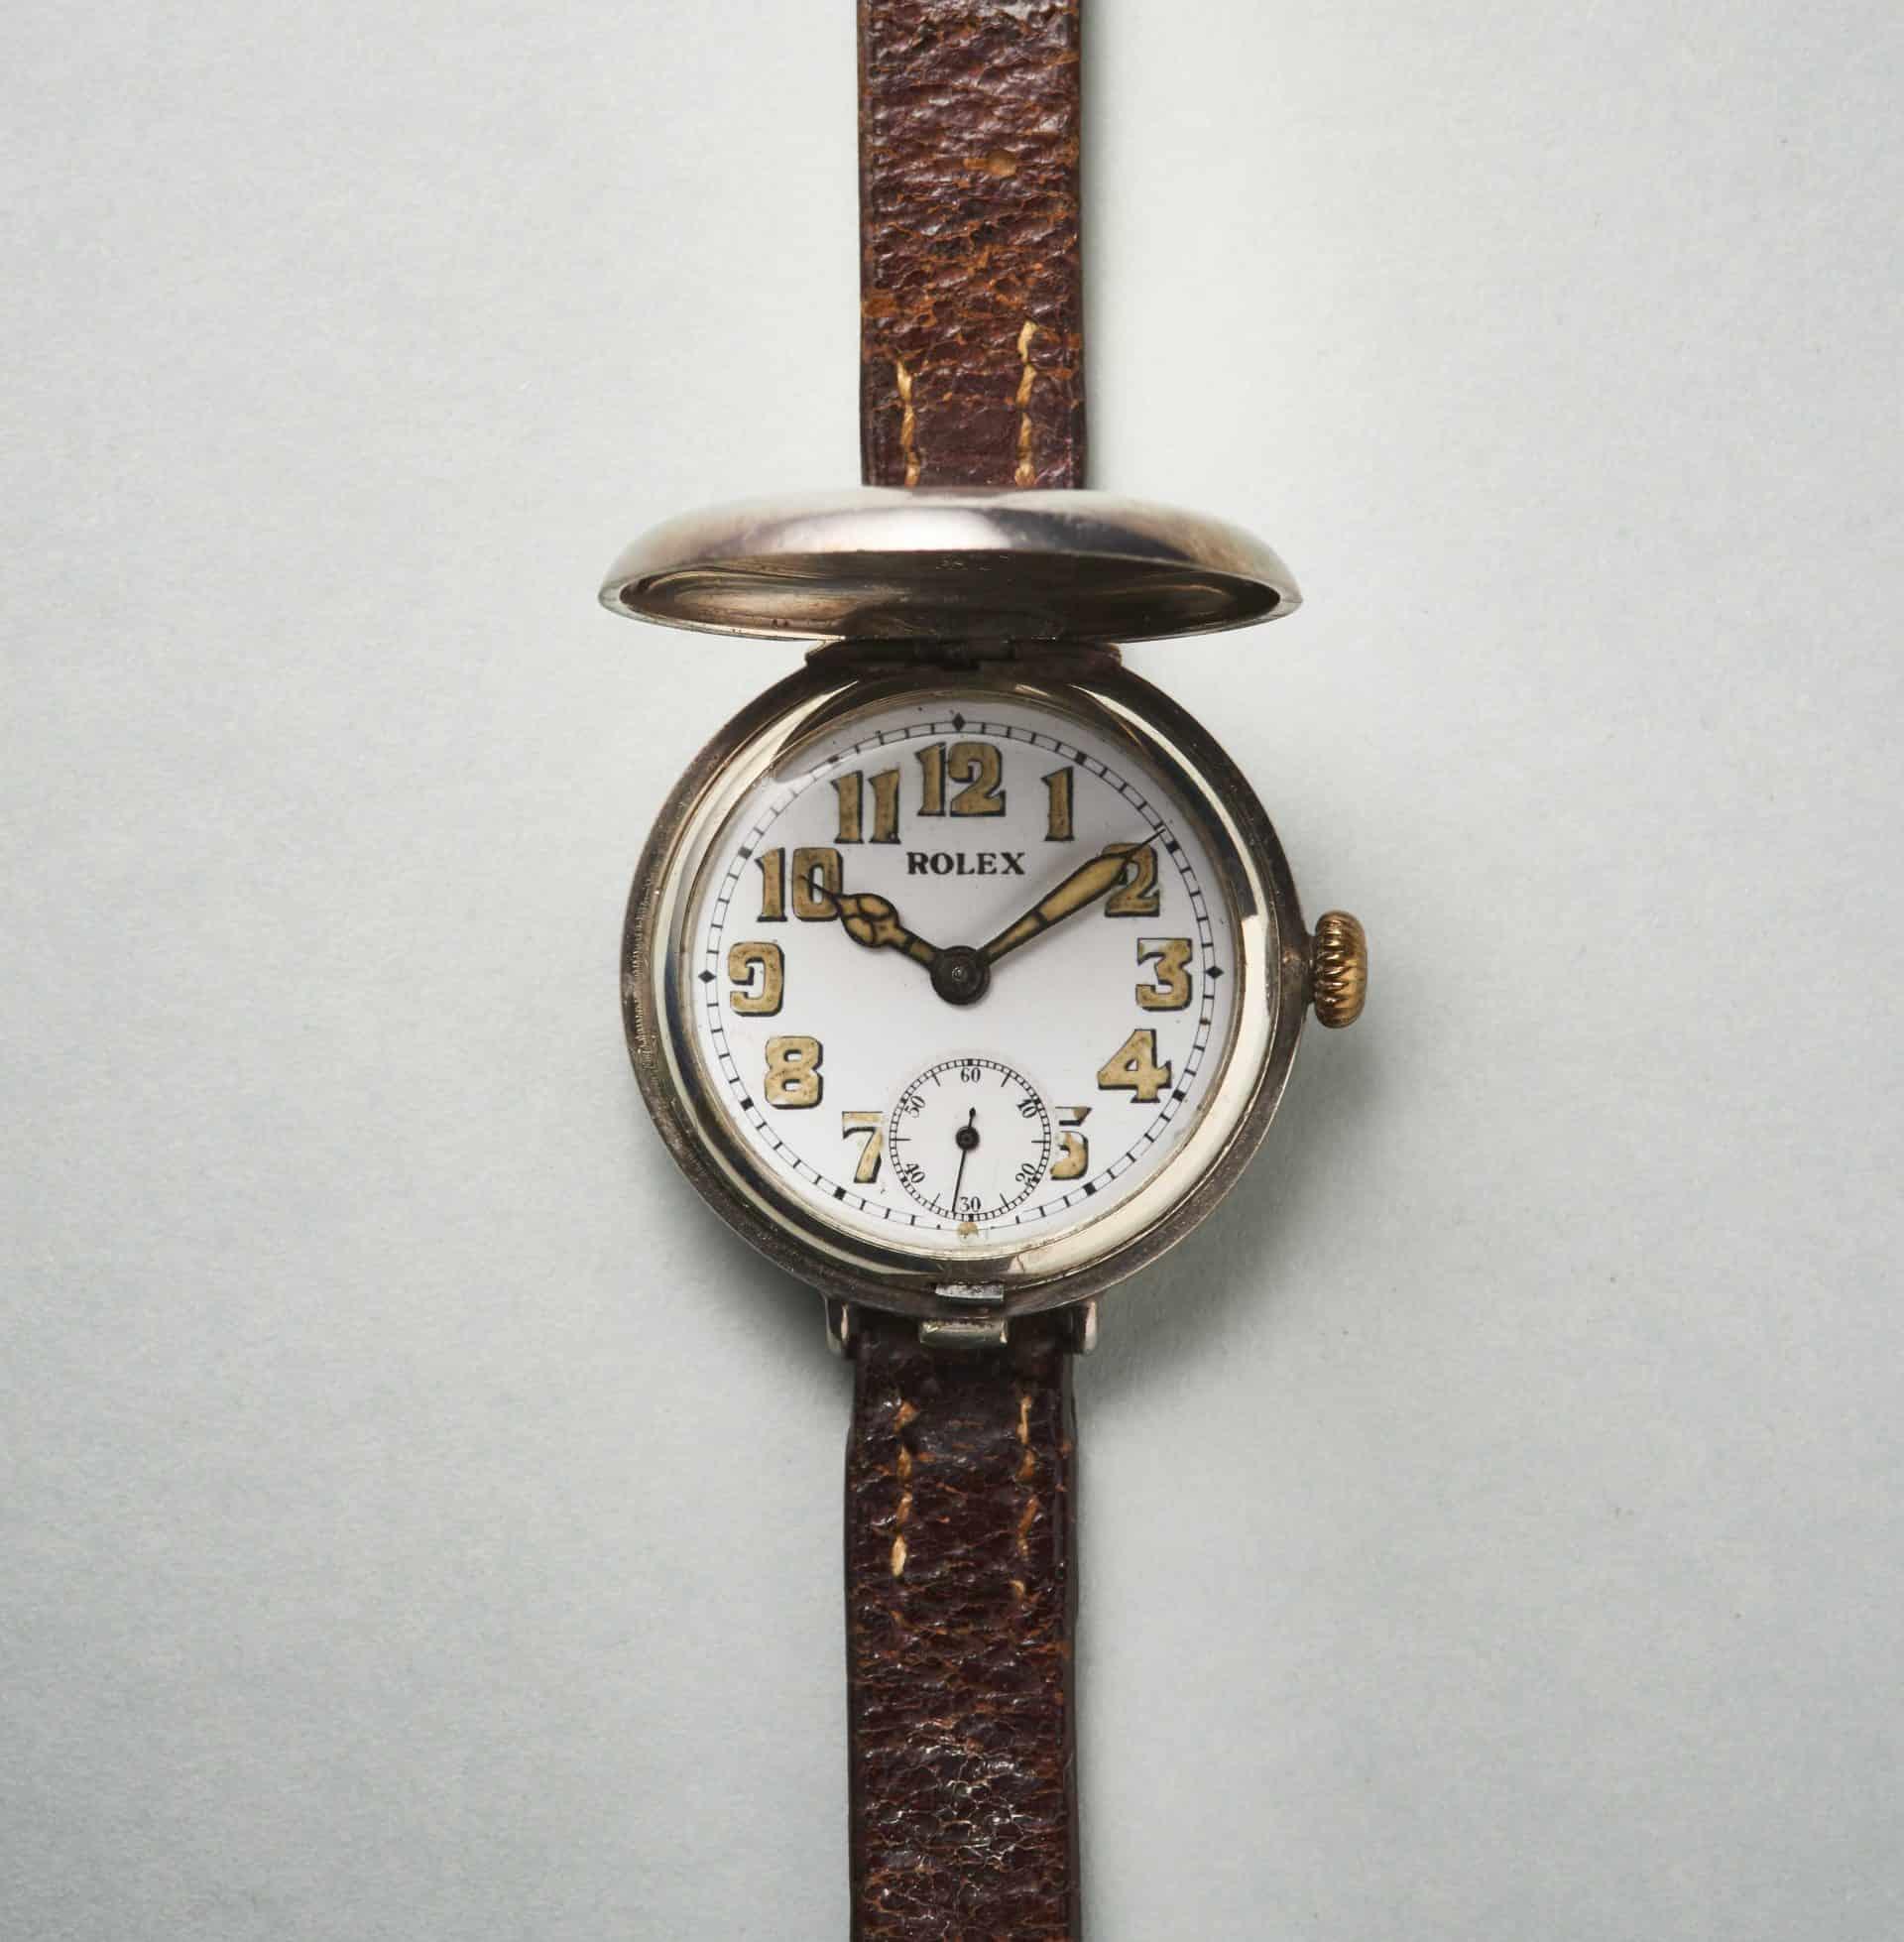 Die Rolex Savonnette Uhr hat ebenfalls ein Silbergehäuse und einen silbernen Deckel